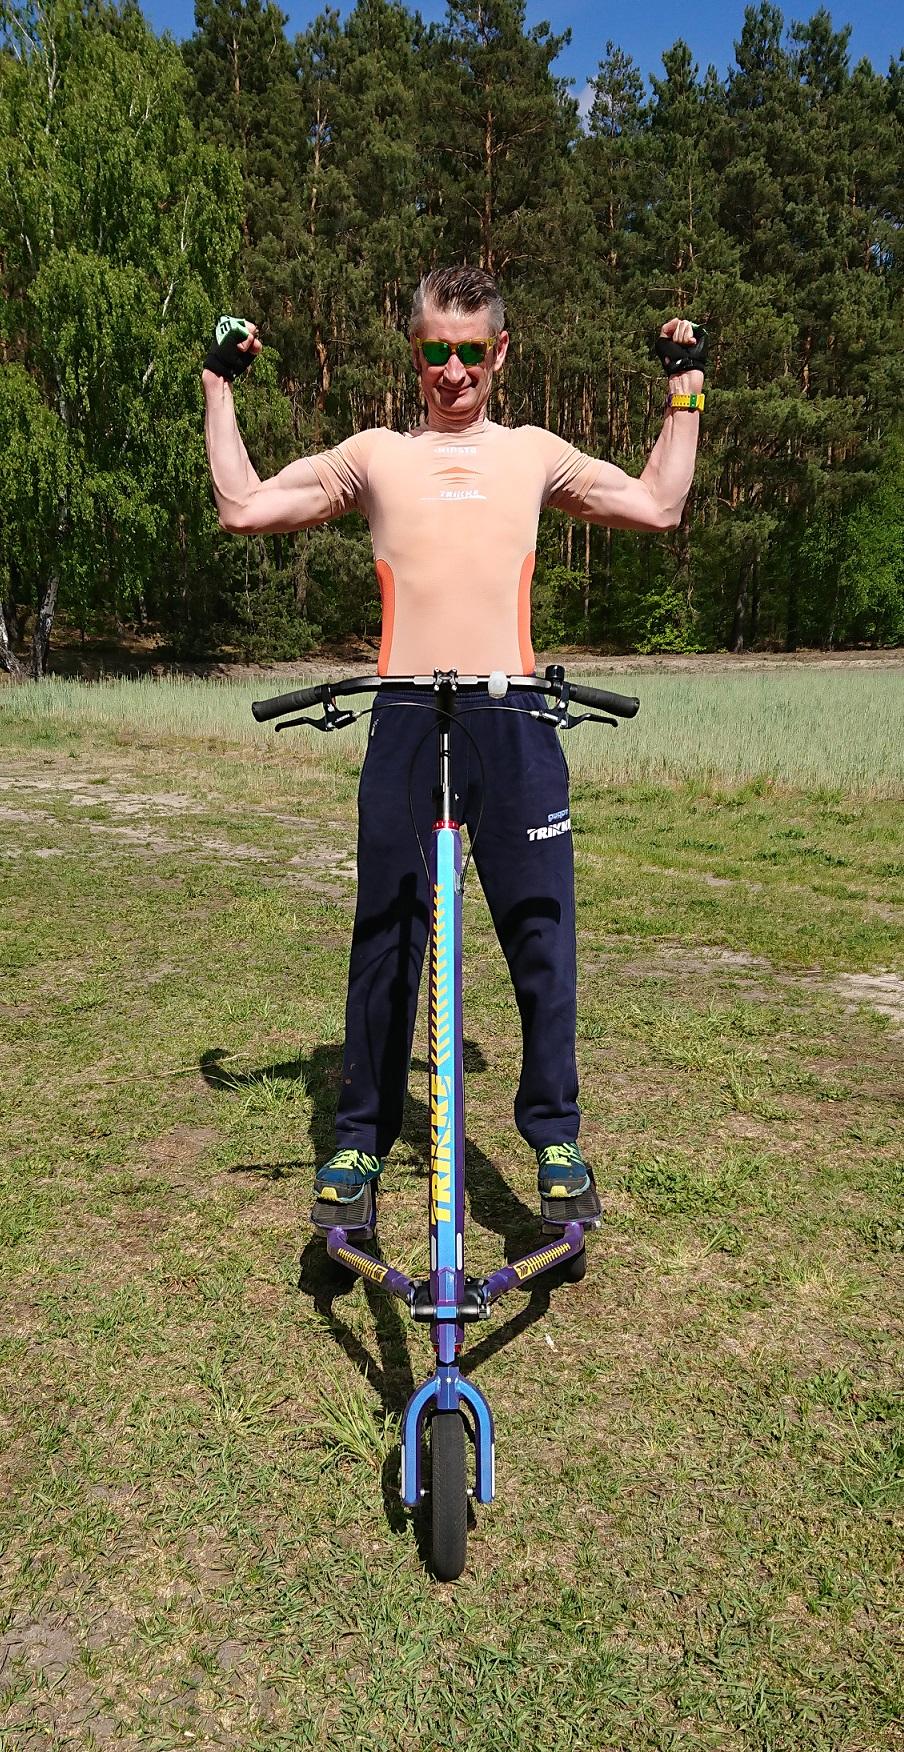 Technika jazdy, wzmacnianie kręgosłupa, odchudzanie na sportowym Trikke. Zdrowo się ruszaj!